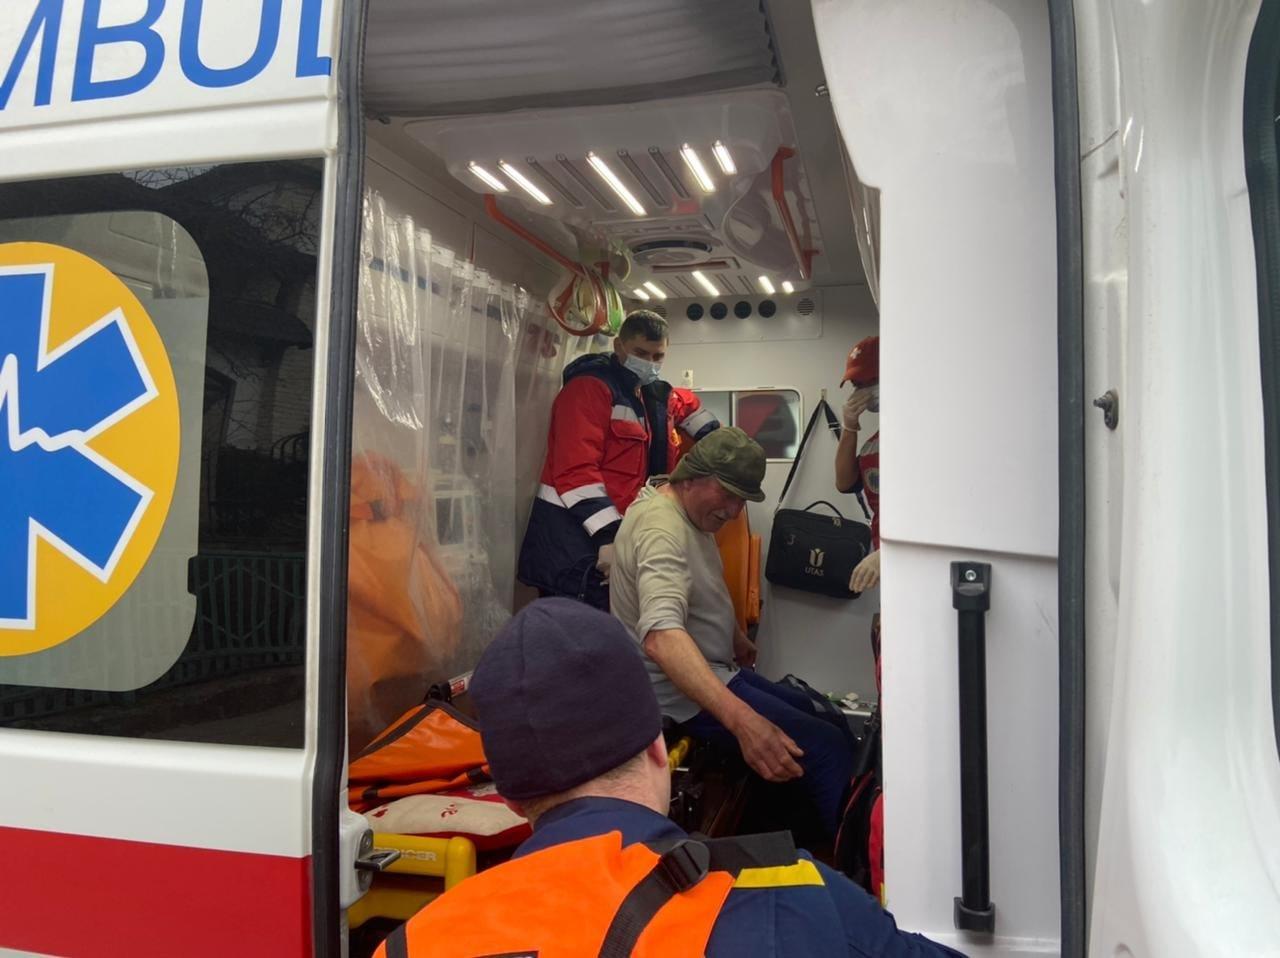 На Тернопільському озері під лід провалився чоловік: рятувальники терміново вирушили на порятунок (ФОТО), фото-1